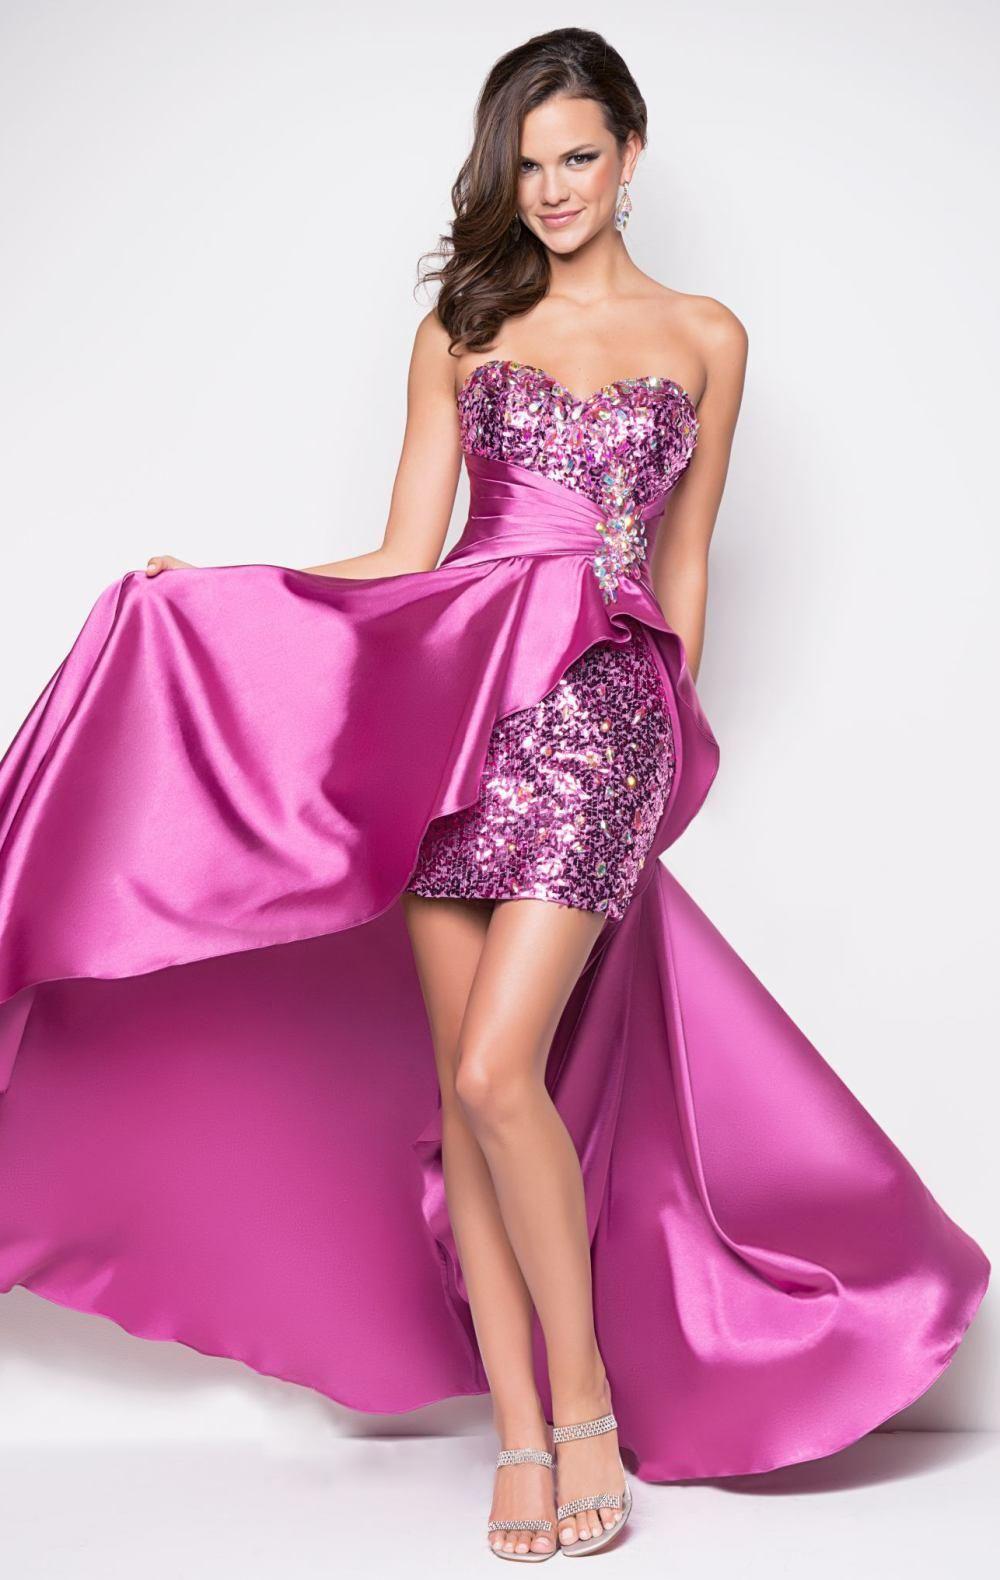 Fotos de vestidos cortos para quinceañeras | Pinterest | Vestidos ...